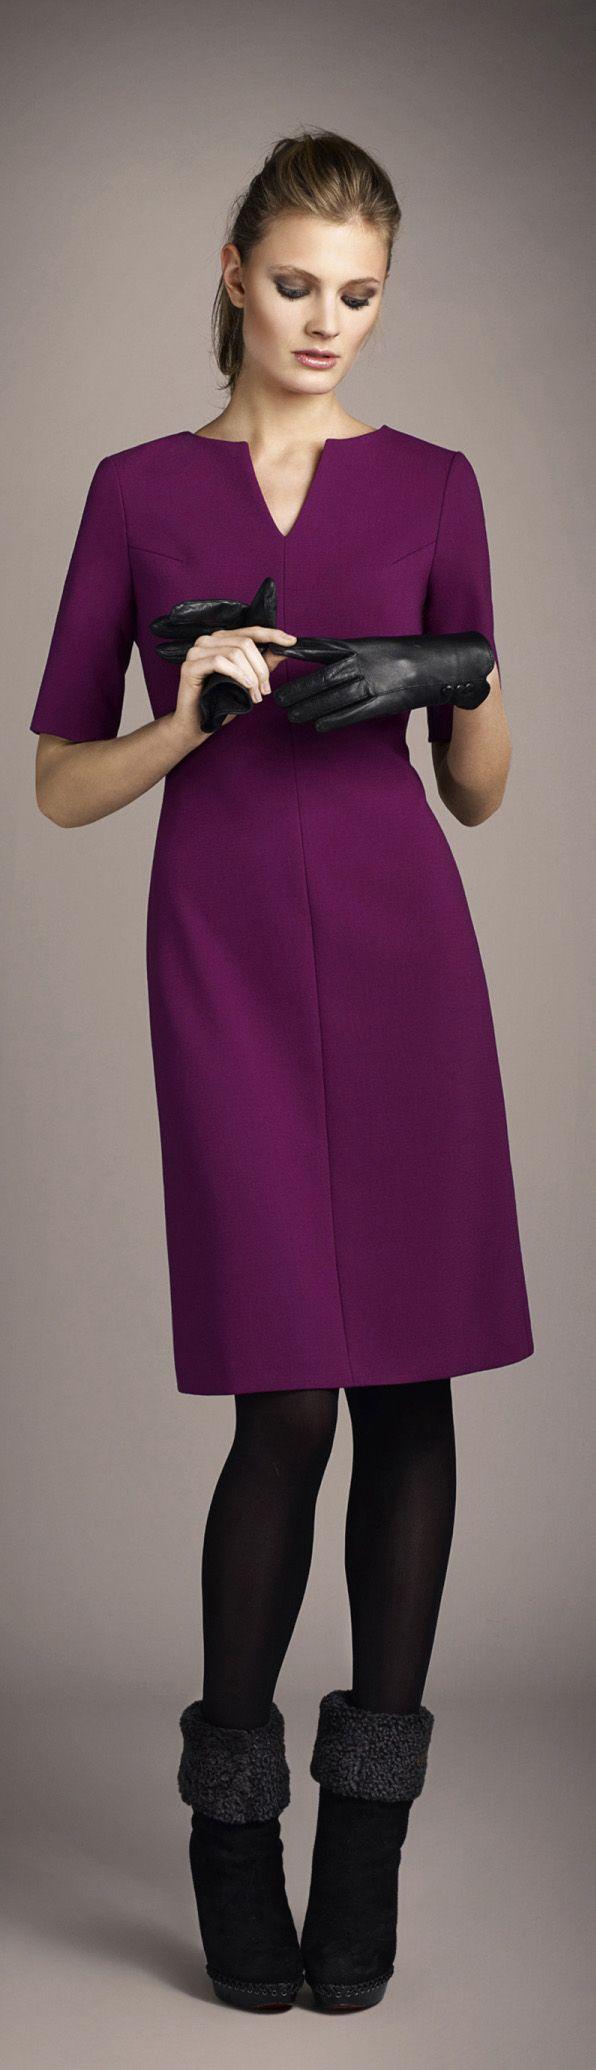 Einfarbiges Kleid, tiefe, satte, ruhige aber aussagekräftige Farbe